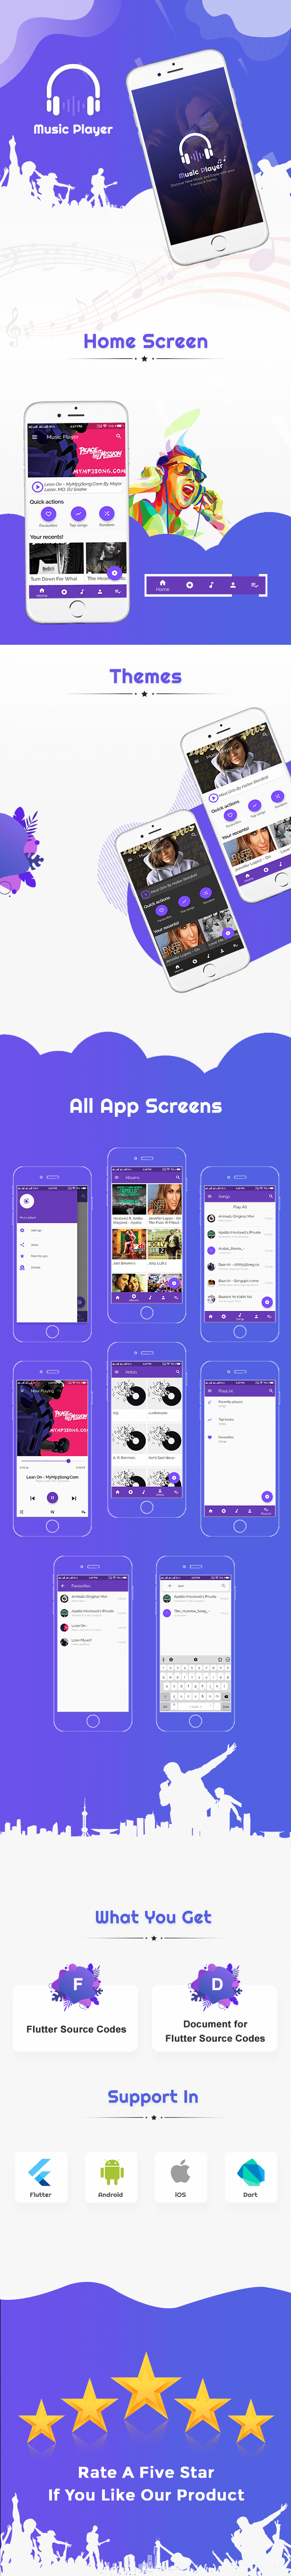 Flutter Cover kamyabscript.ir  - سورس اندروید Flutter App-Music Player نسخه 1.0